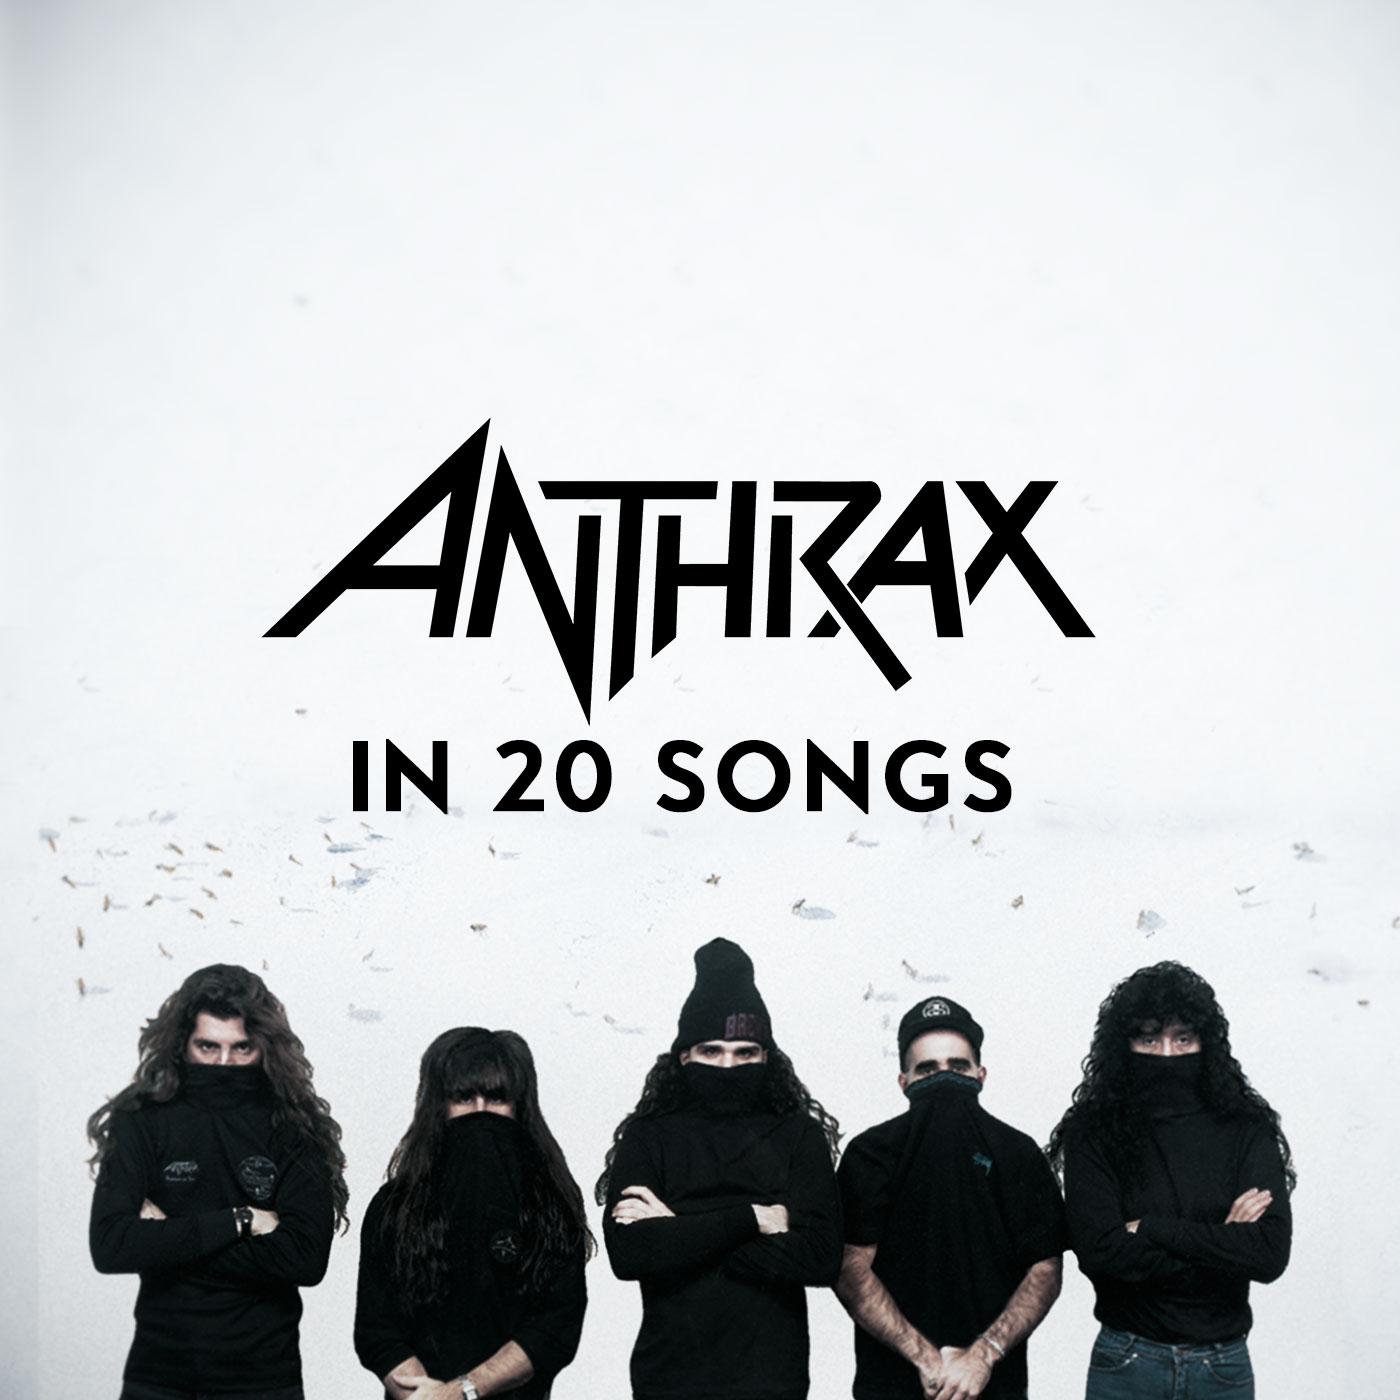 Anthrax In 20 Songs Artwork